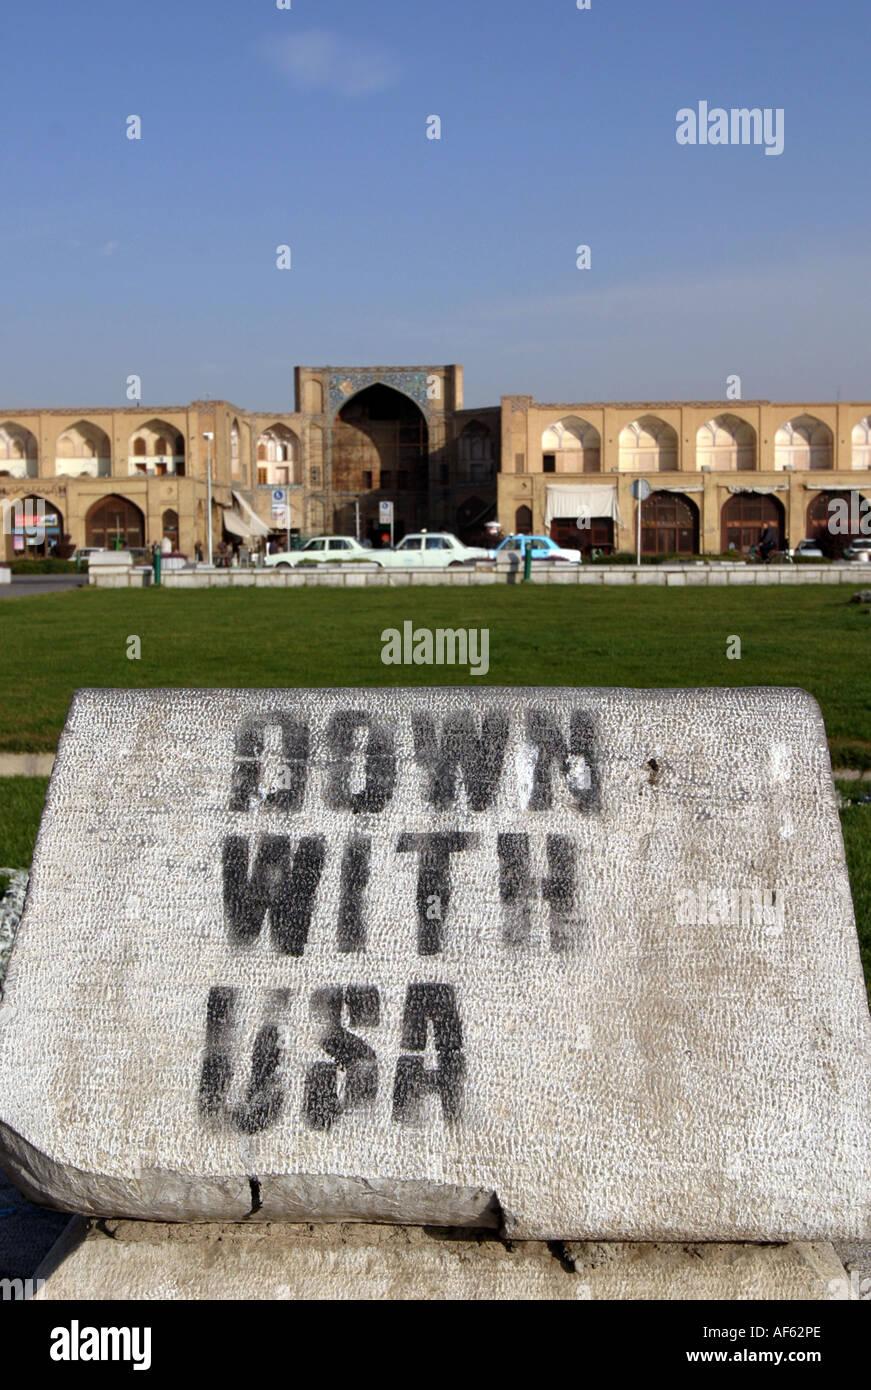 En graffiti anti USA dans le Khomeiny Square (la place Naghsh-e Jahan) dans la ville iranienne d'Ispahan, novembre 2004. Photo Stock